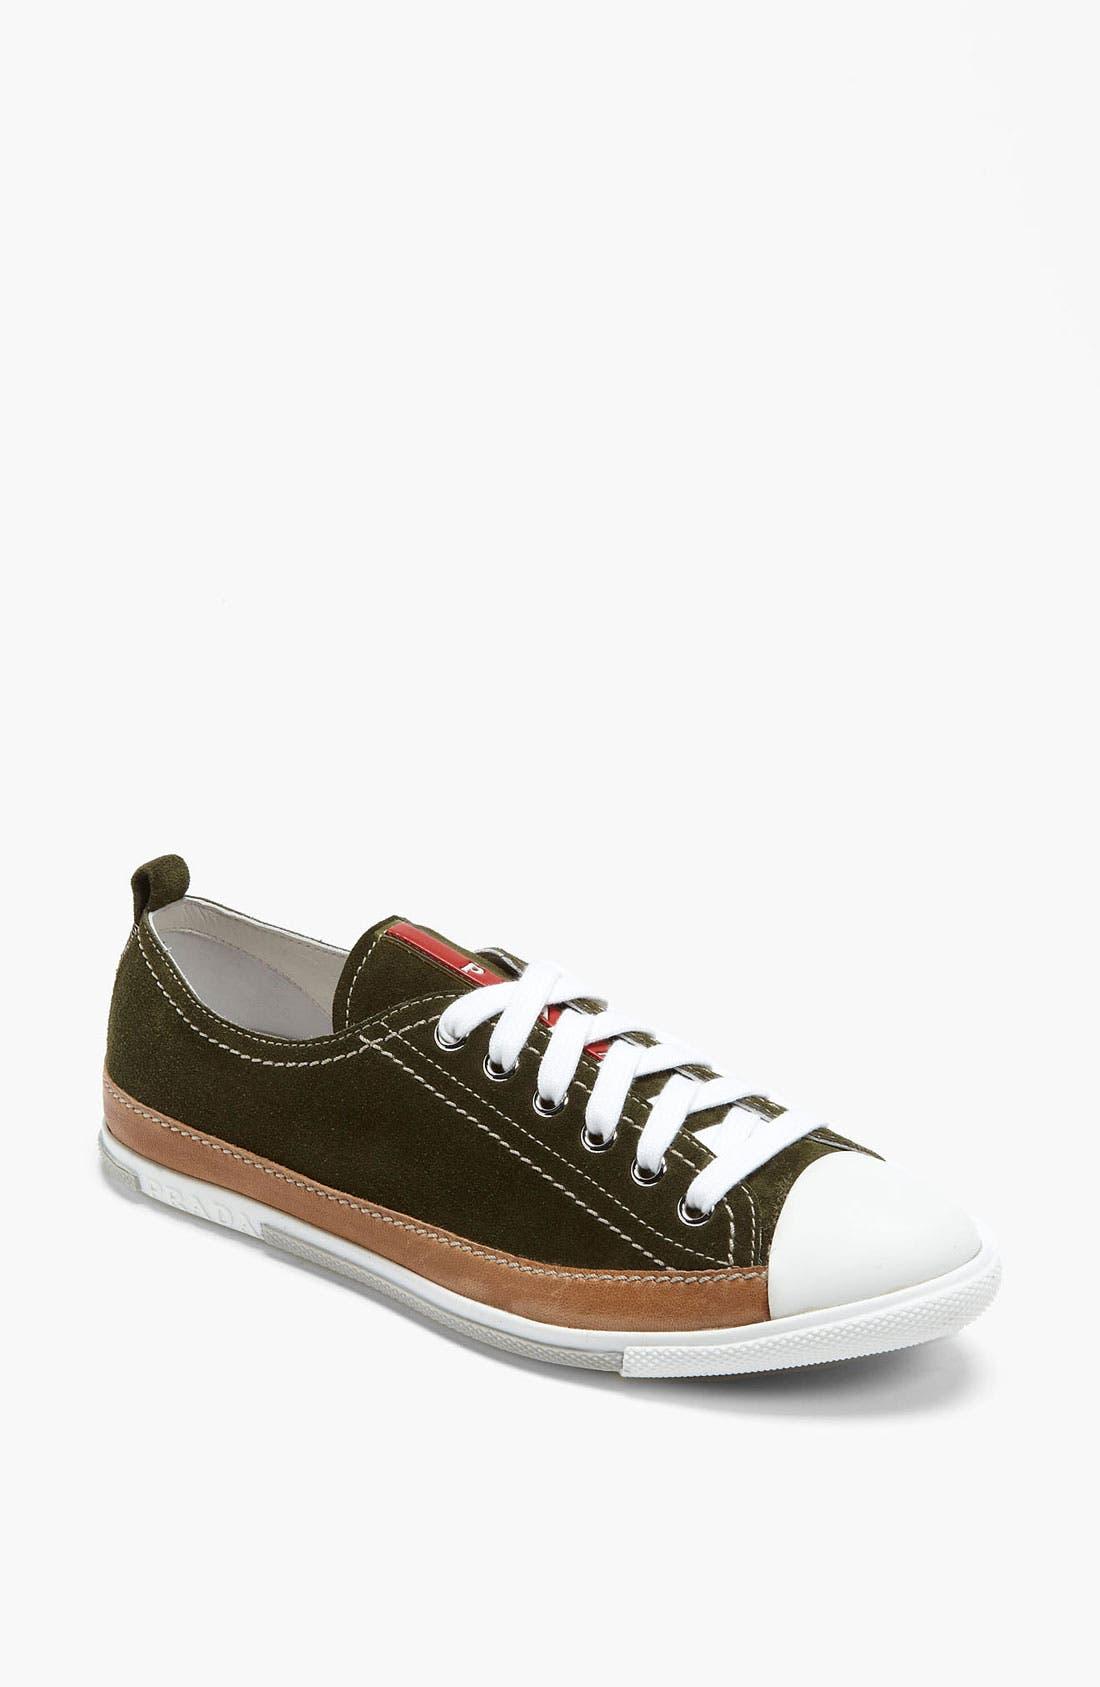 Main Image - Prada Suede Sneaker